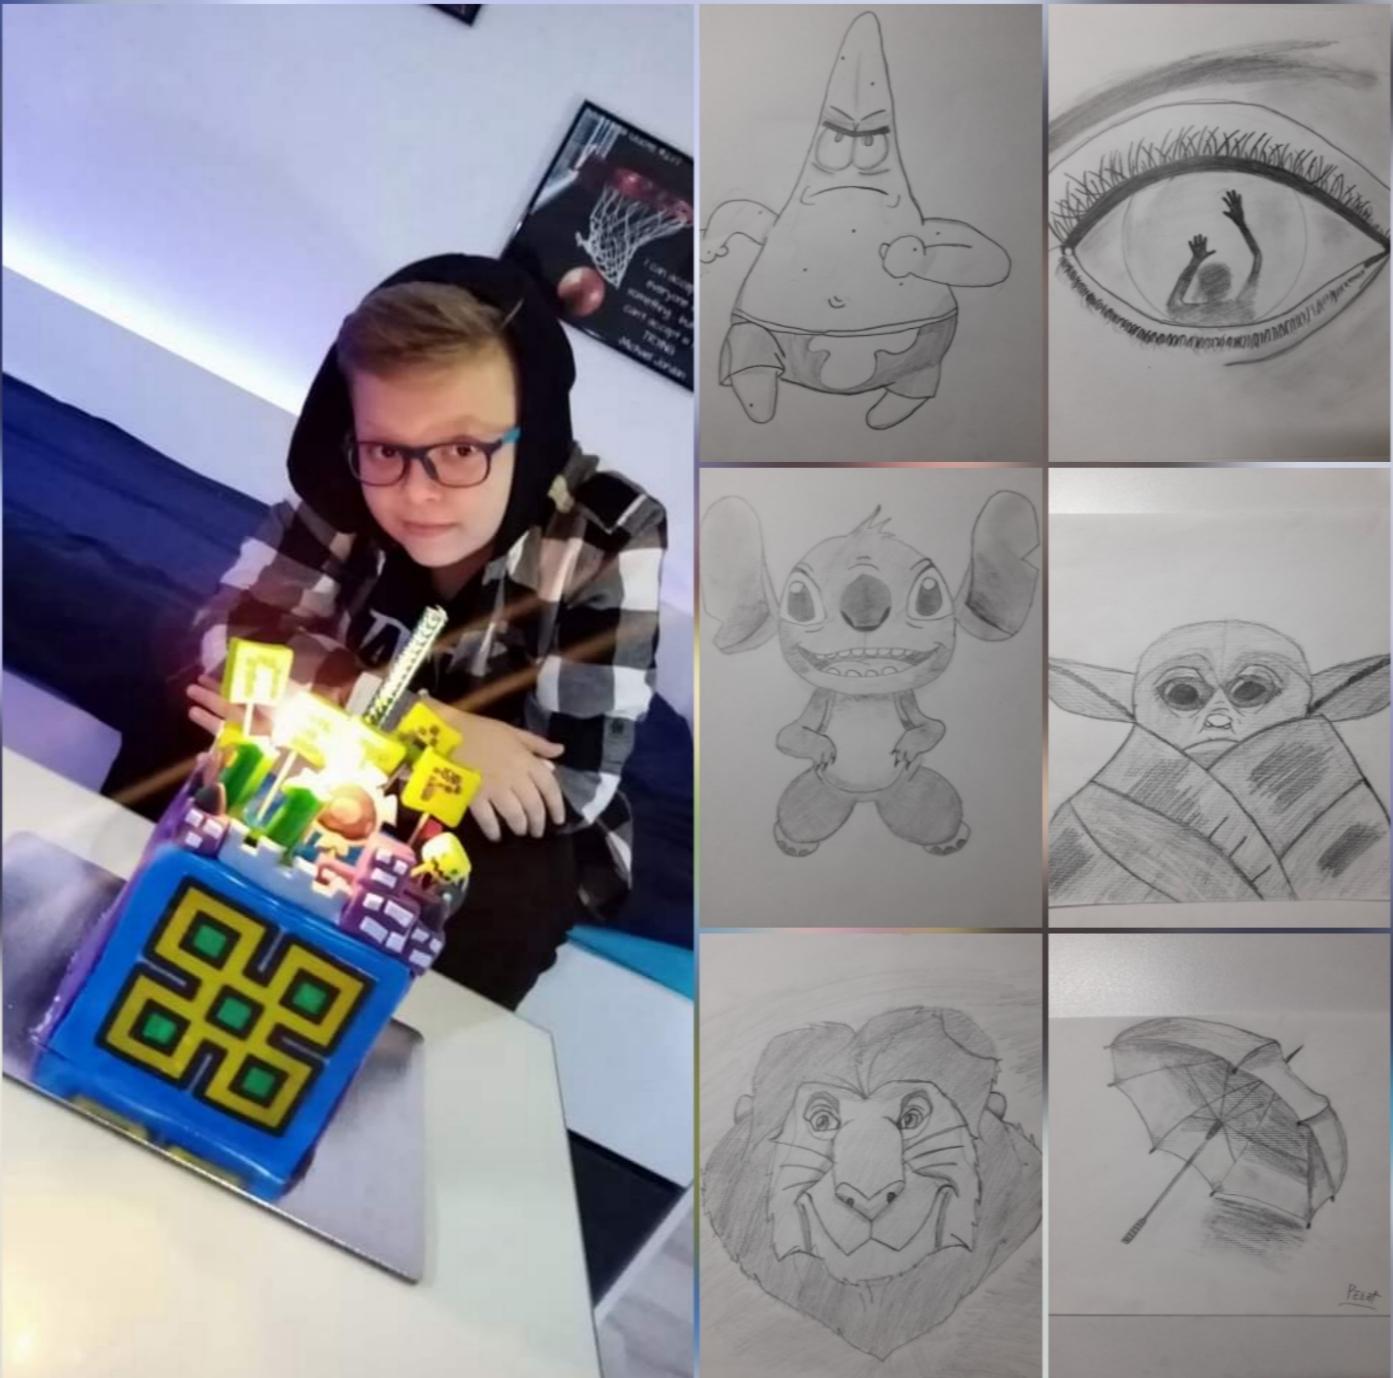 11 годишниот Петар Спасов од Битола со неверојатен цртачки талент